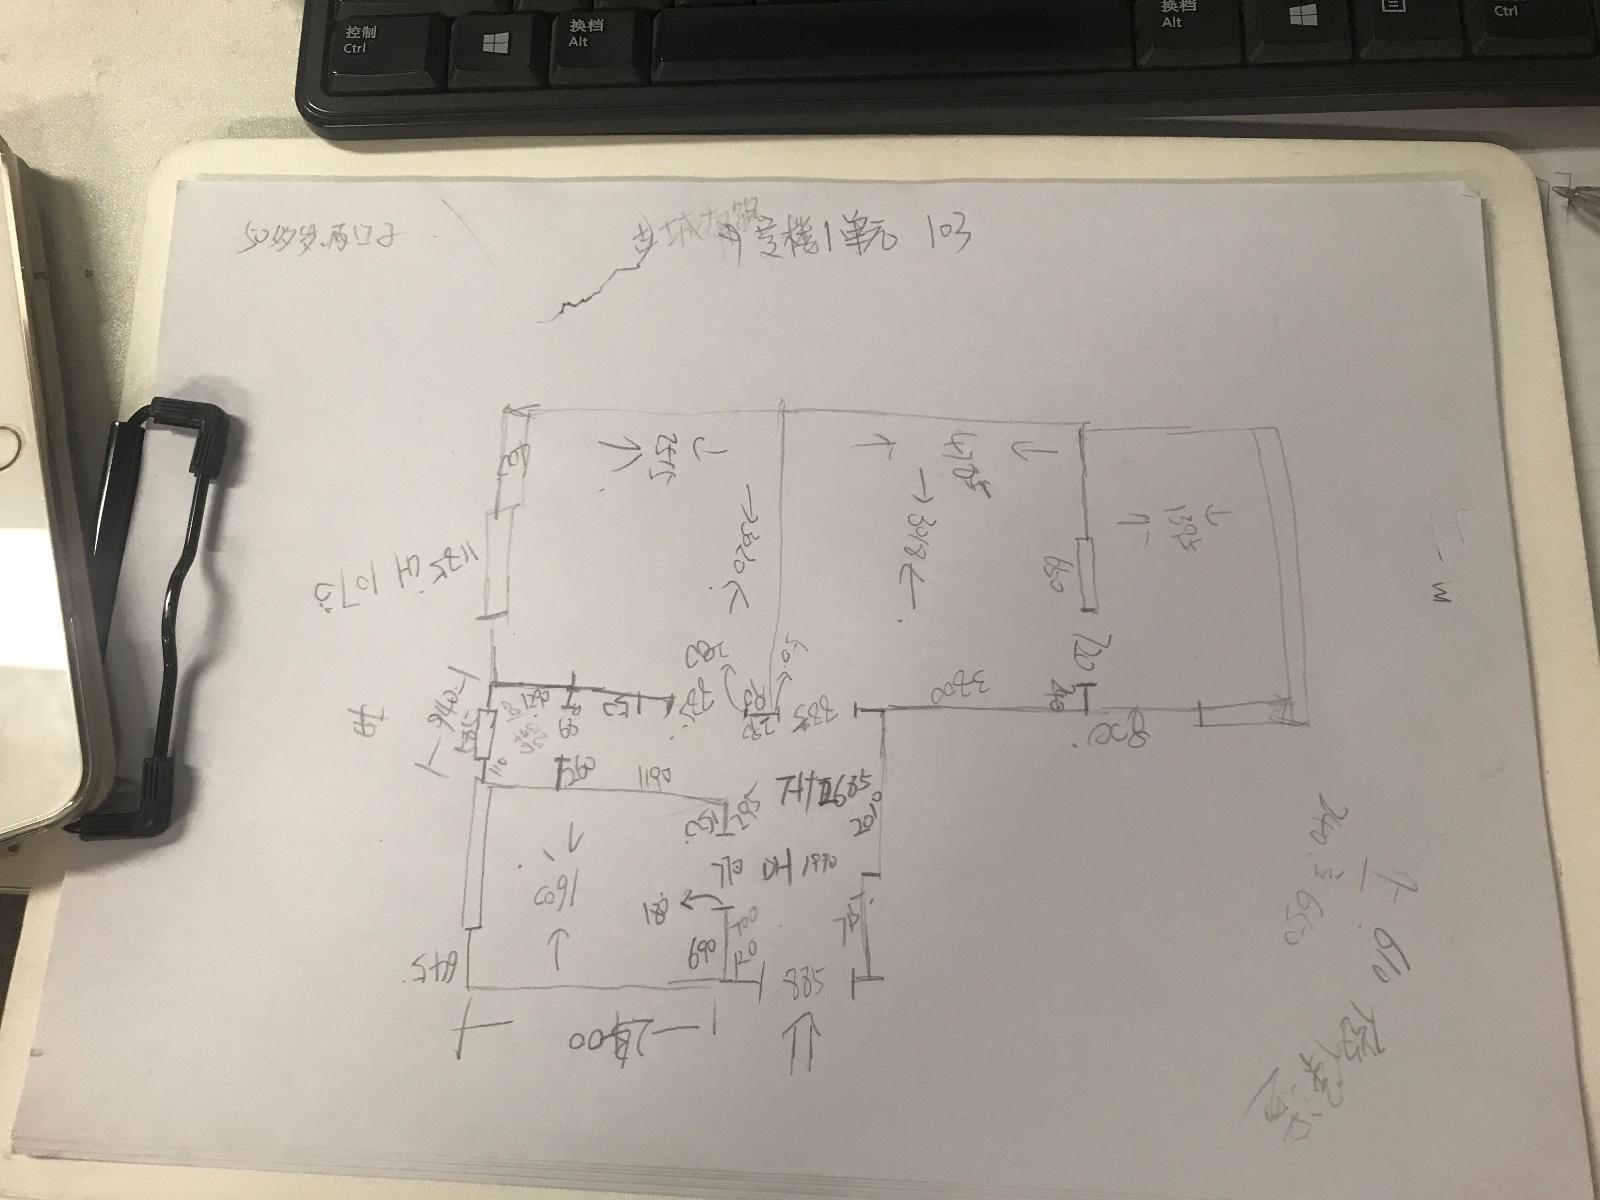 手绘量房草图方法